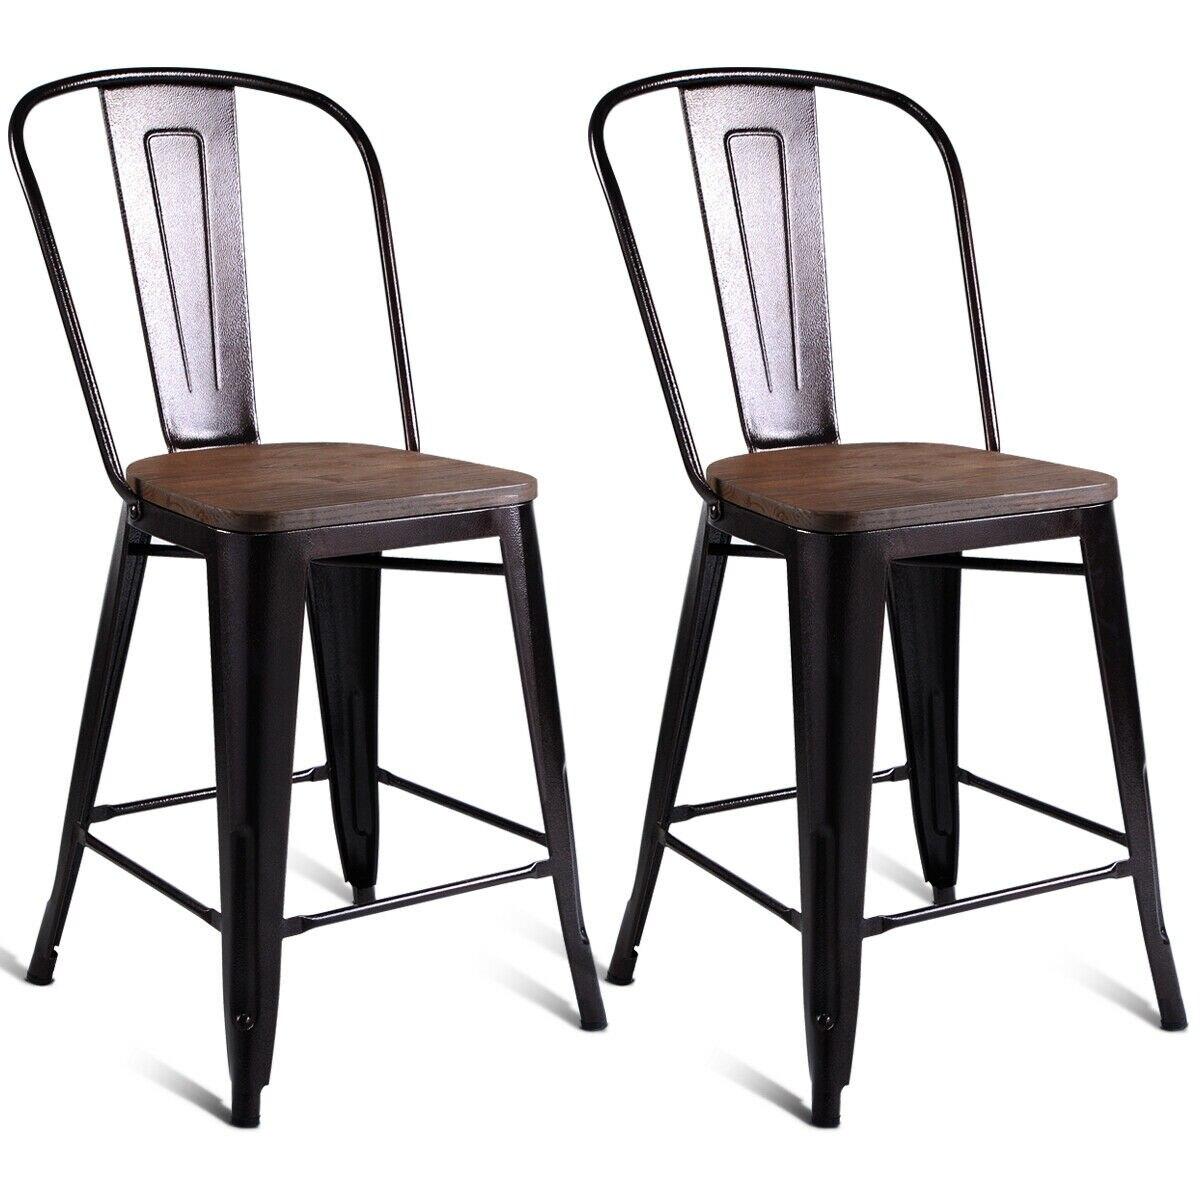 Costway 2 шт металлическая деревянная столешница стул кухня обеденный барные стулья